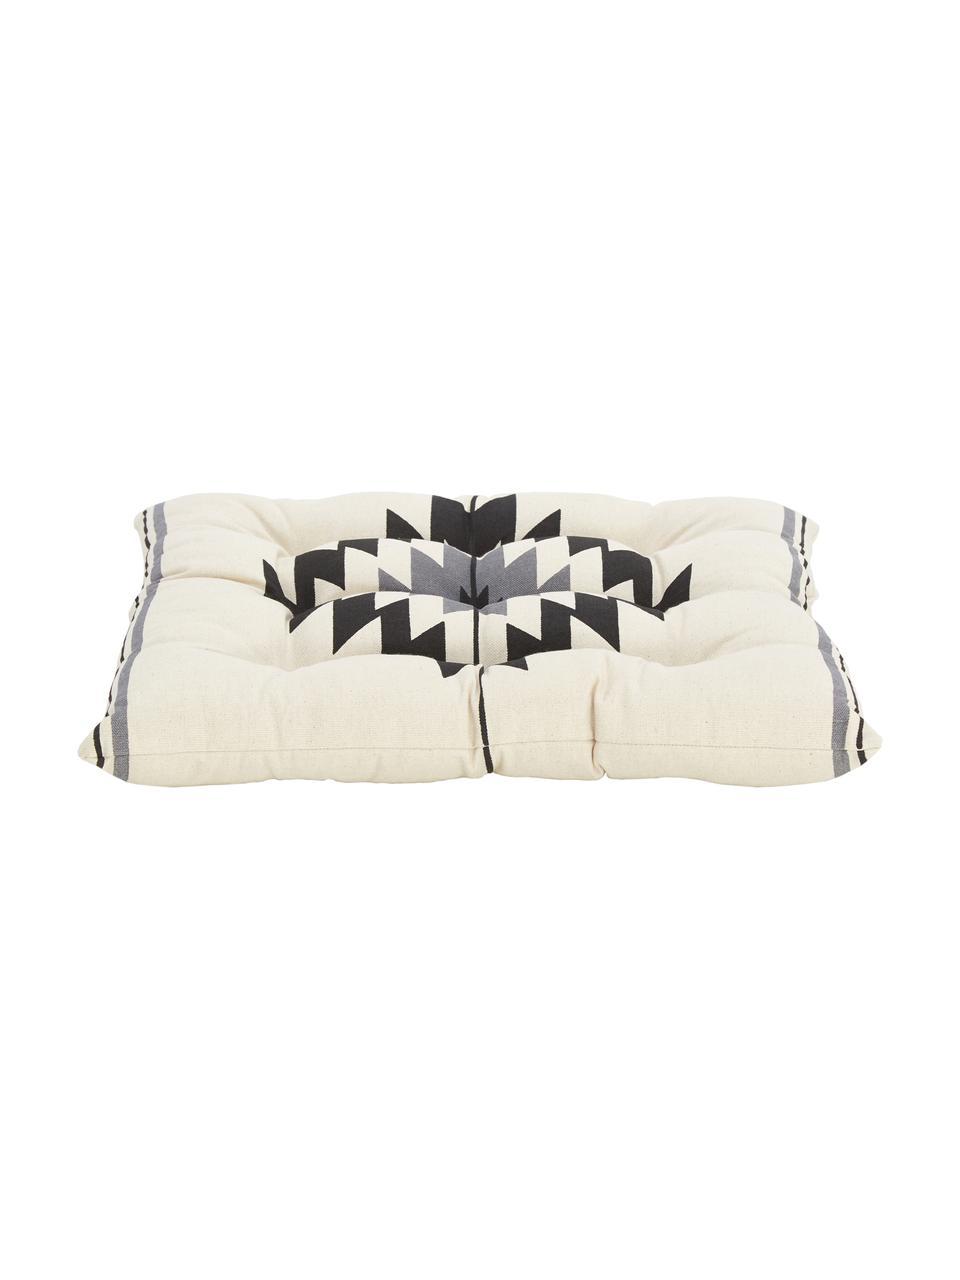 Ethno Sitzkissen Luca, Bezug: 100% Baumwolle, Schwarz,Grau,Weiß, 40 x 40 cm